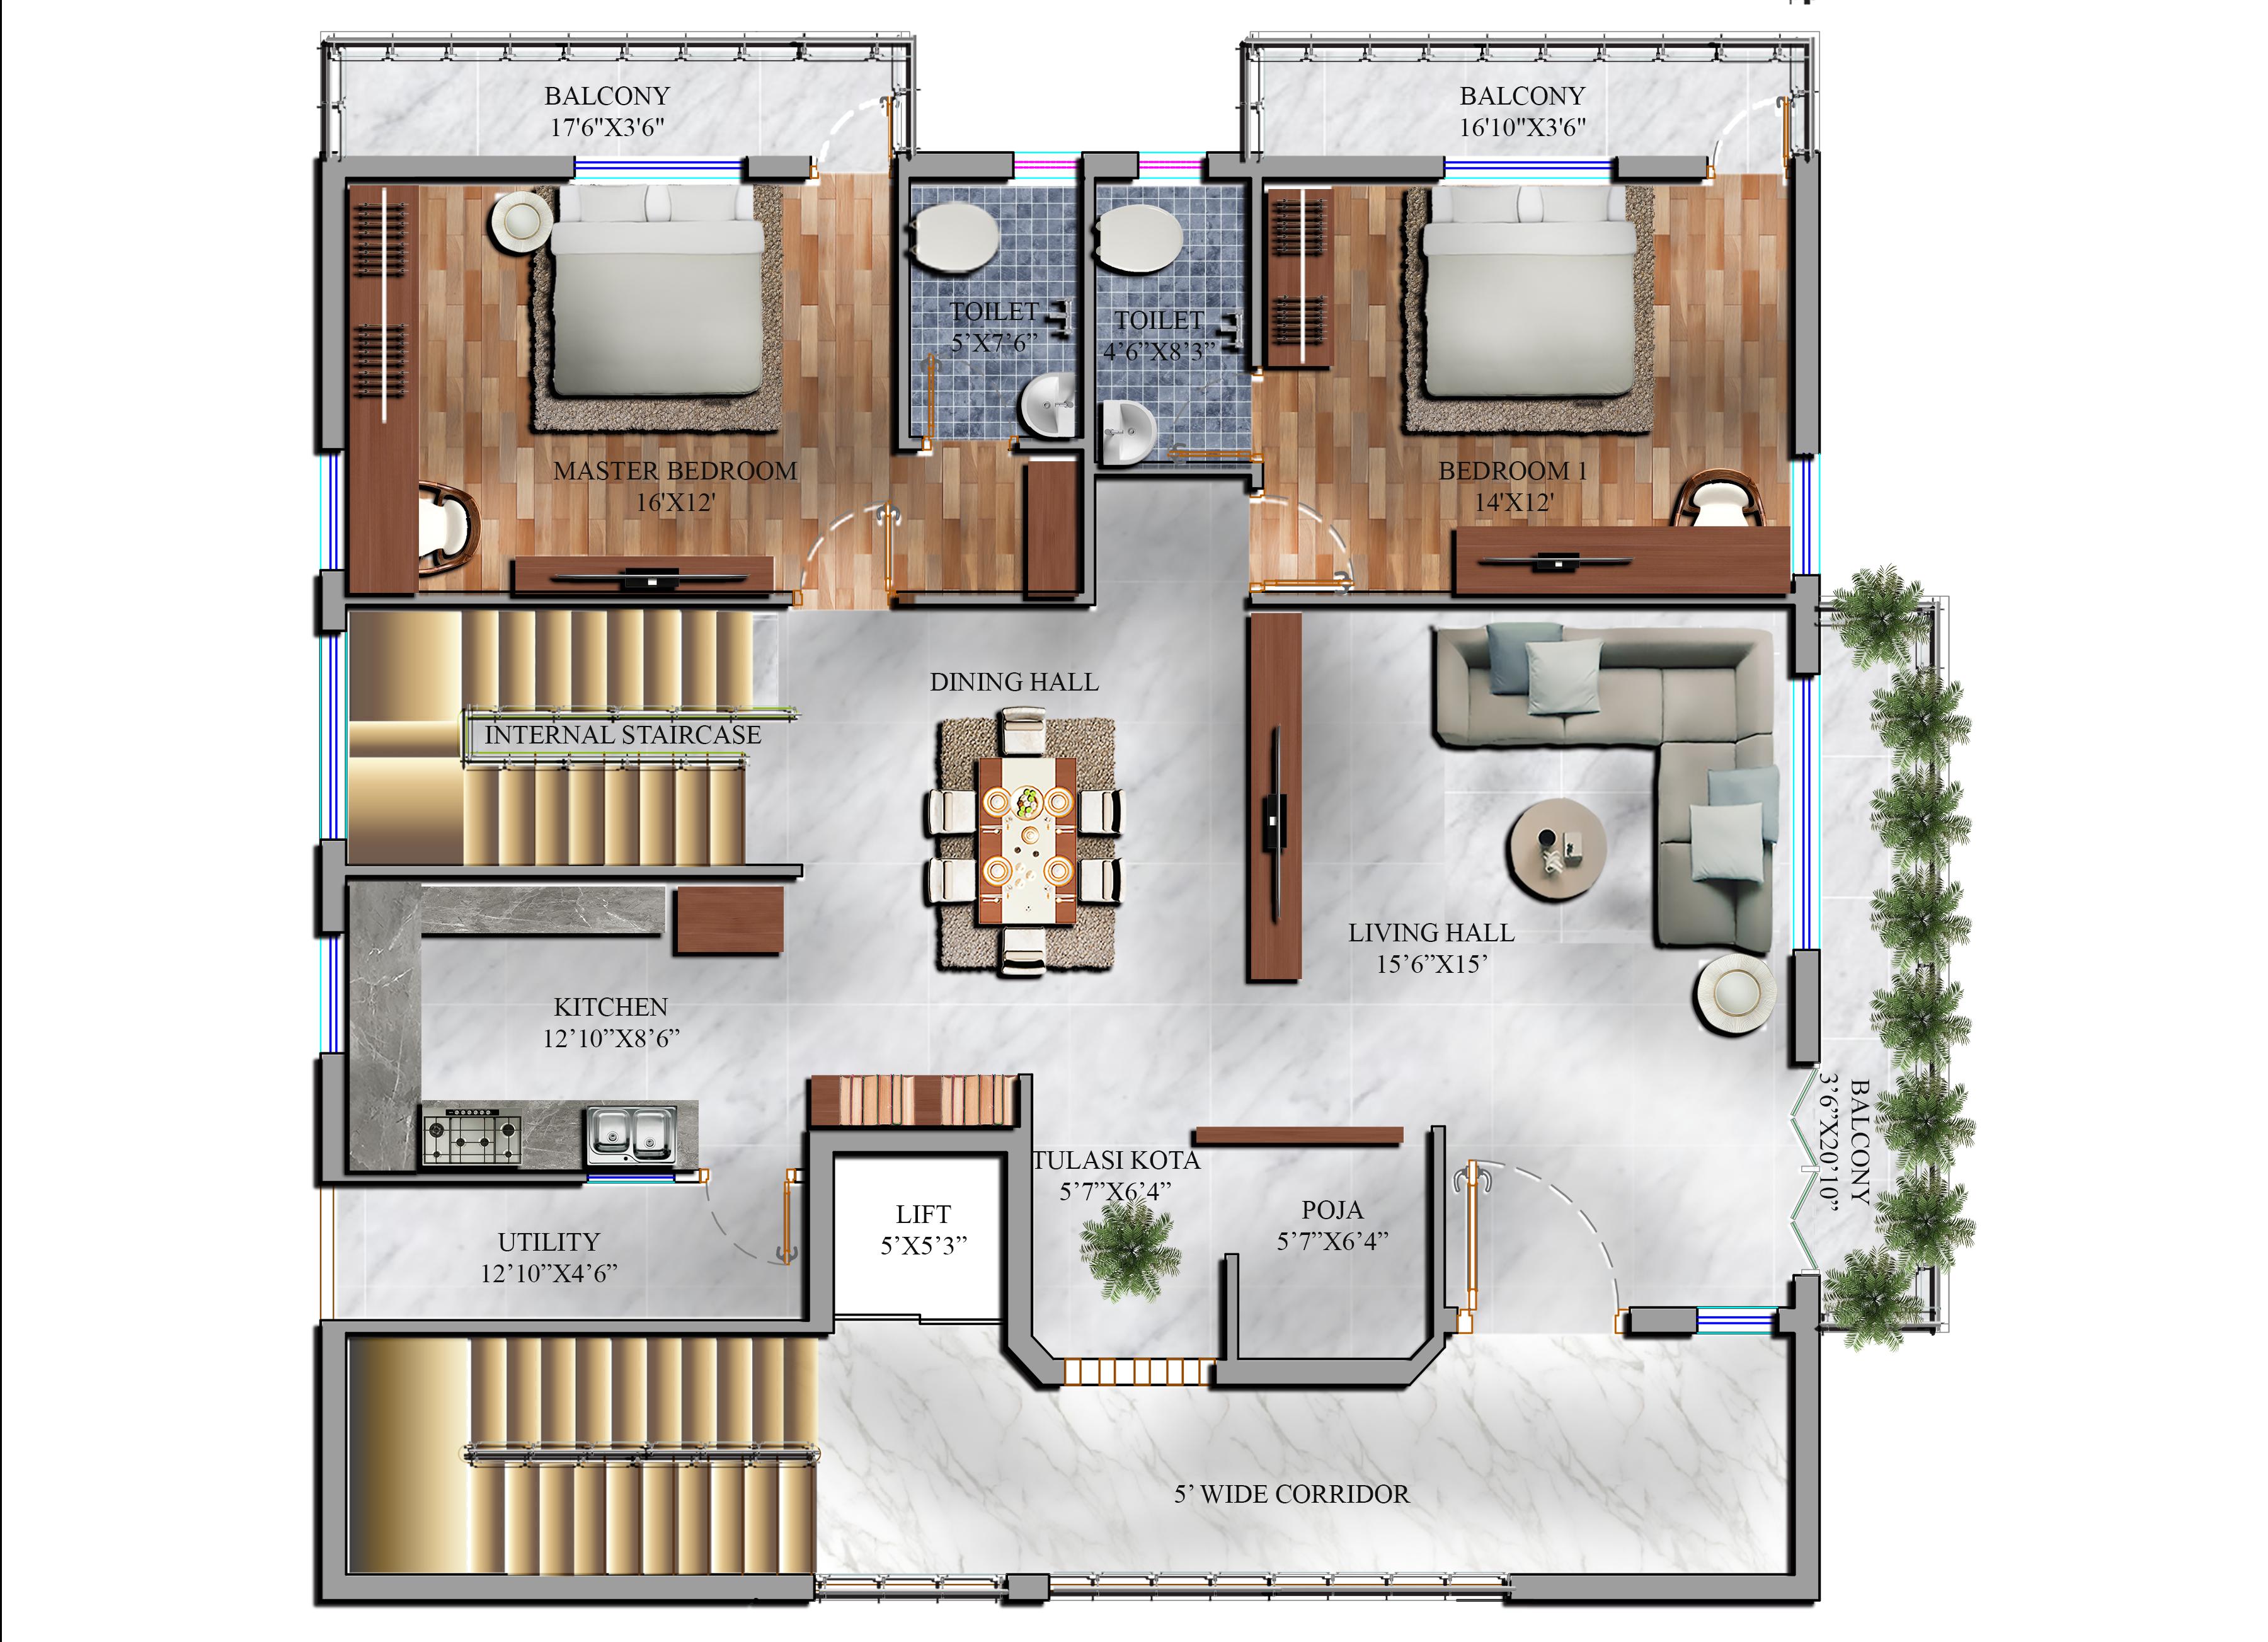 Residence Floor Plan Render Rendered Floor Plan Floor Plans Rendered Plans